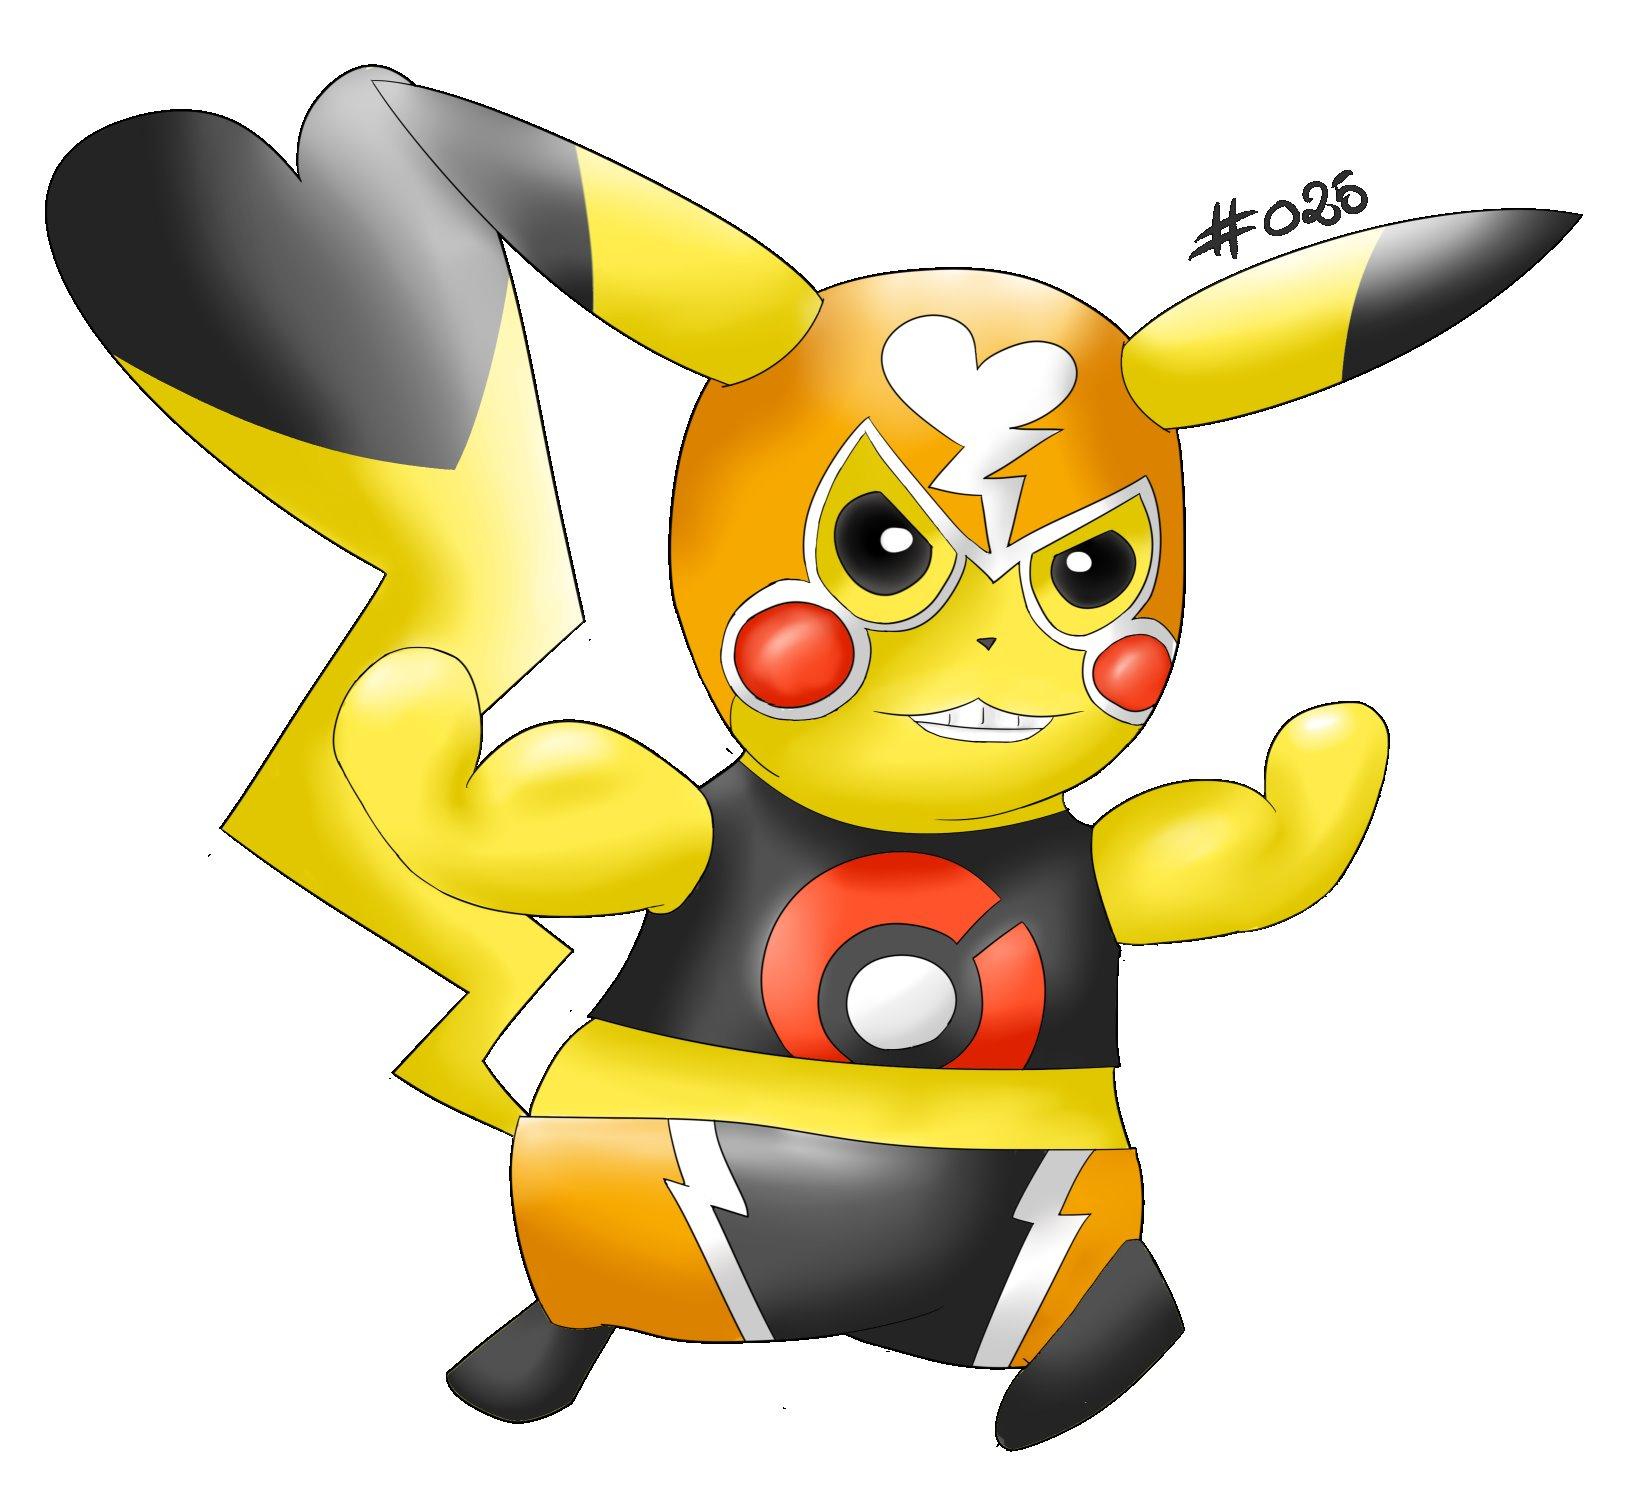 Pokémon De La Semaine N°109 Et Vos Dessins De Pikachu intérieur Dessin De Pikachu Facile